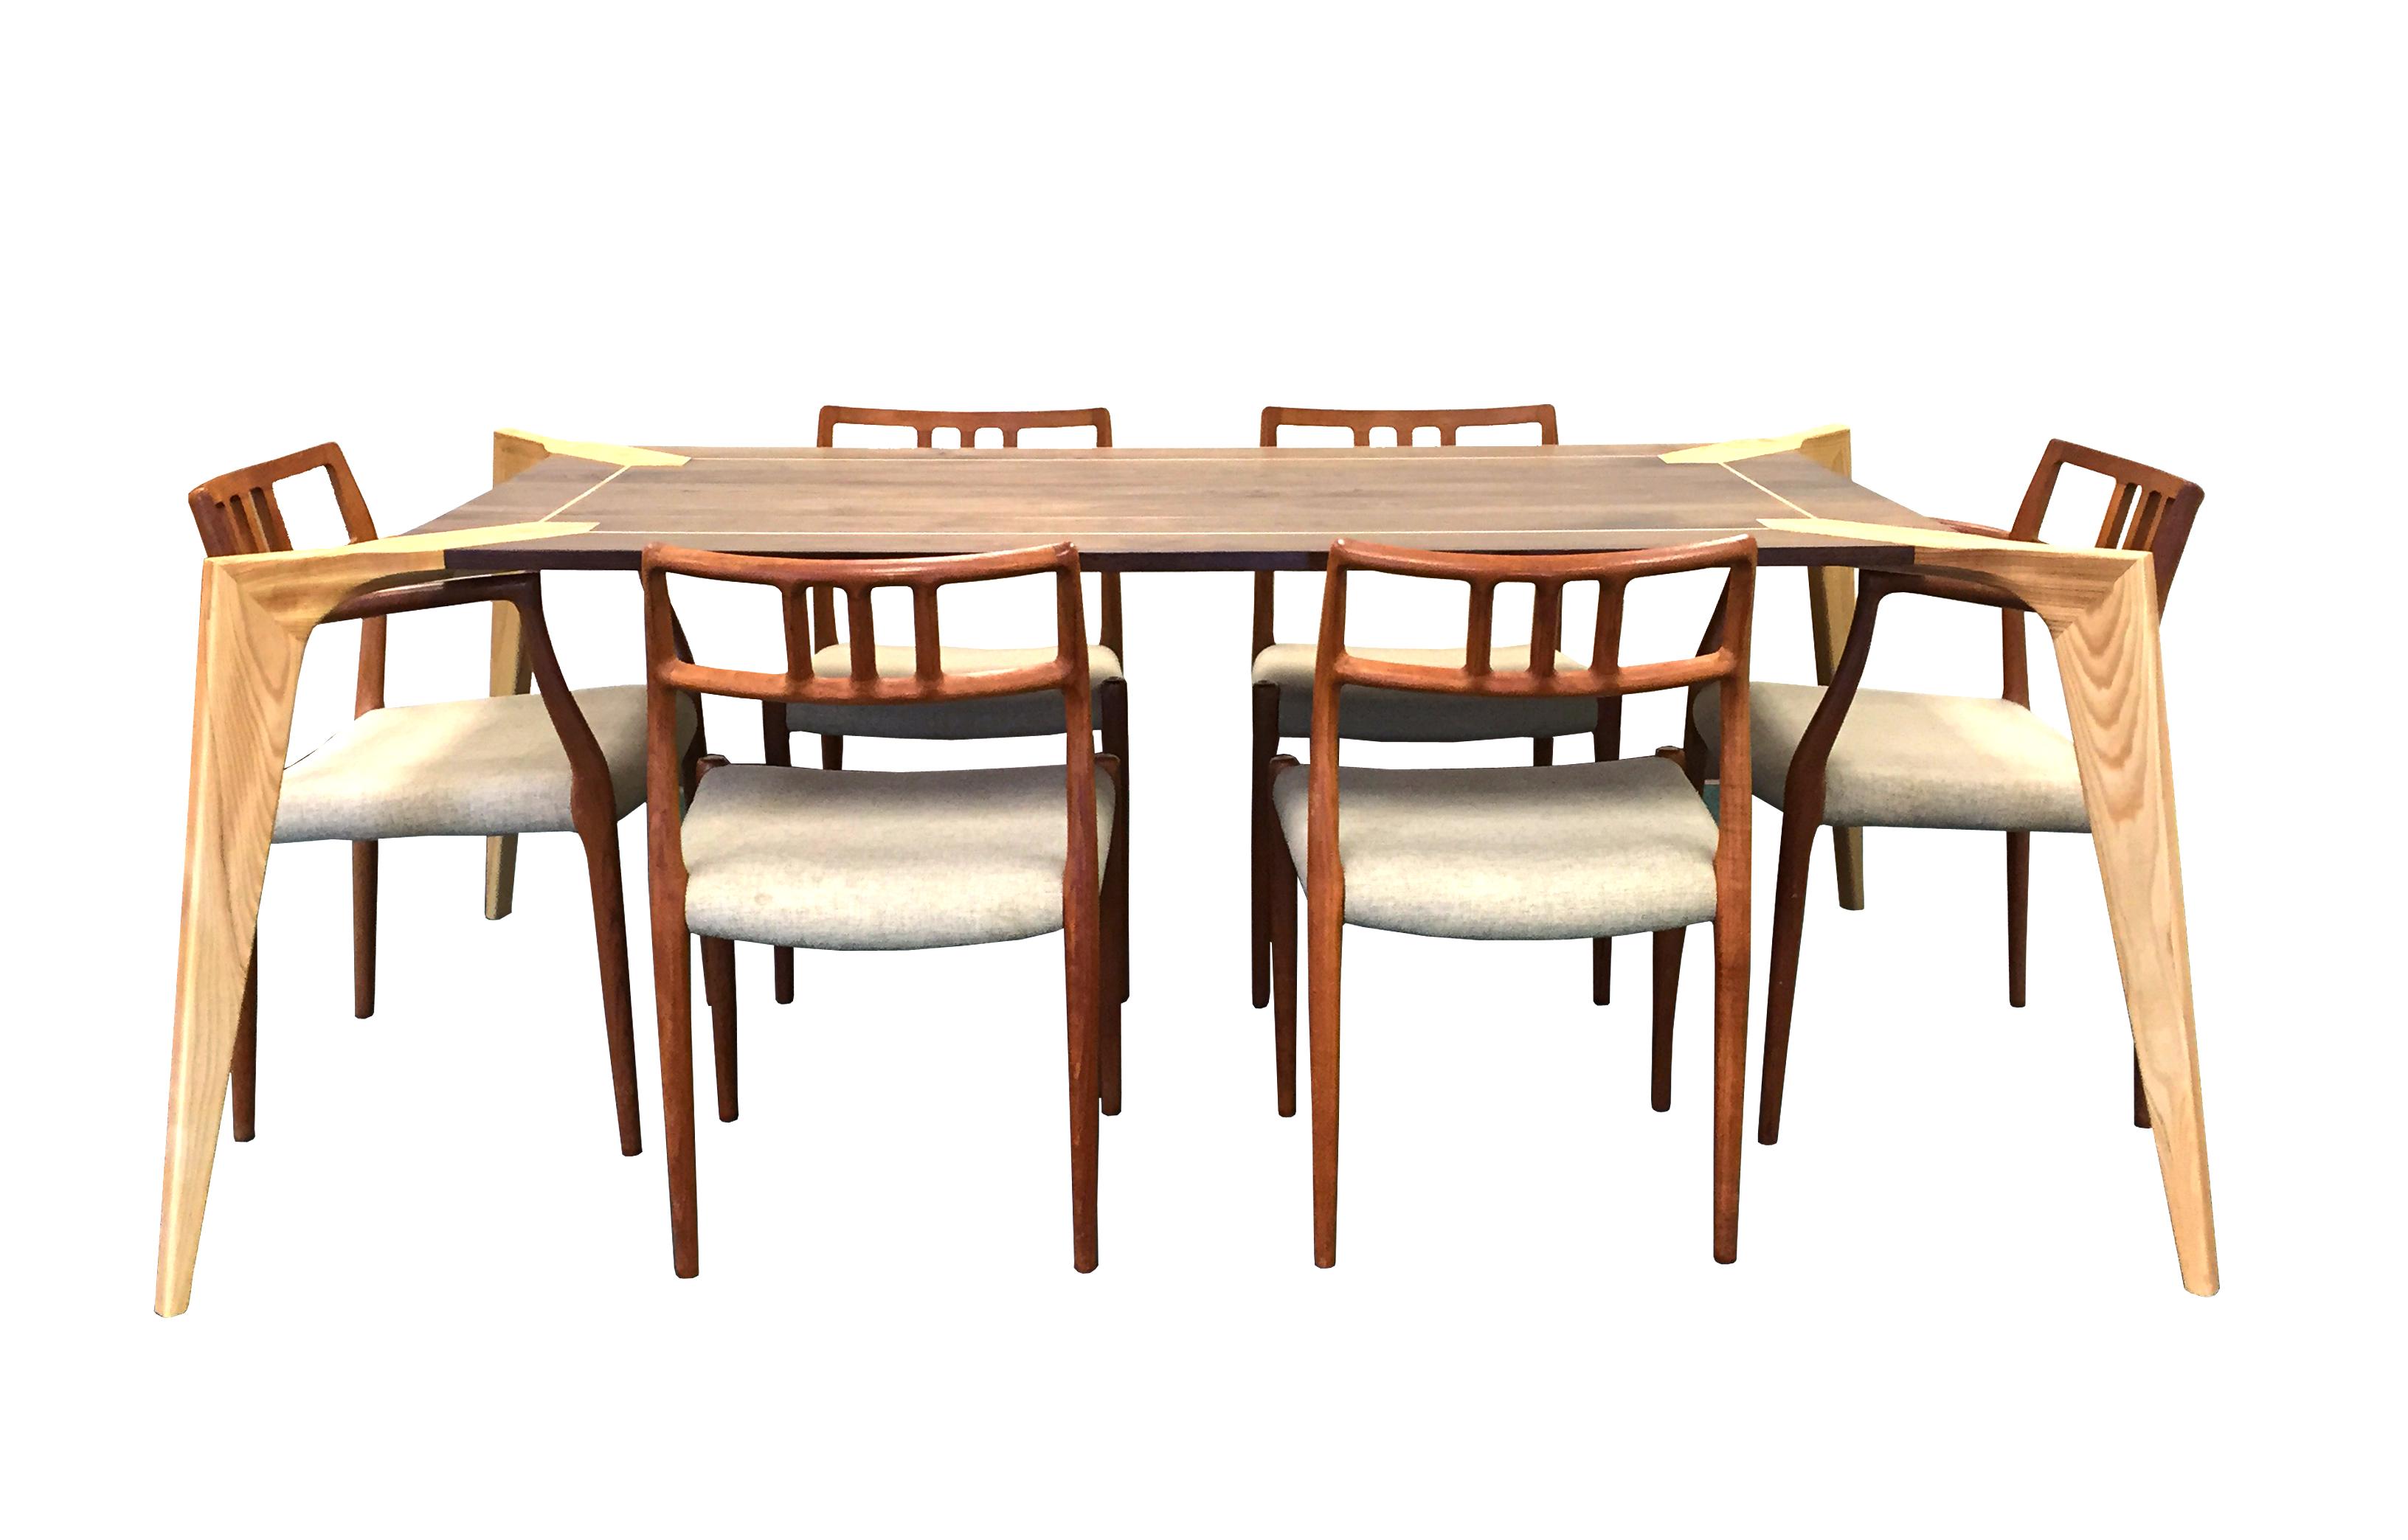 Joint Effort Studio Kipp Table Front Side w Chairs_F.jpg